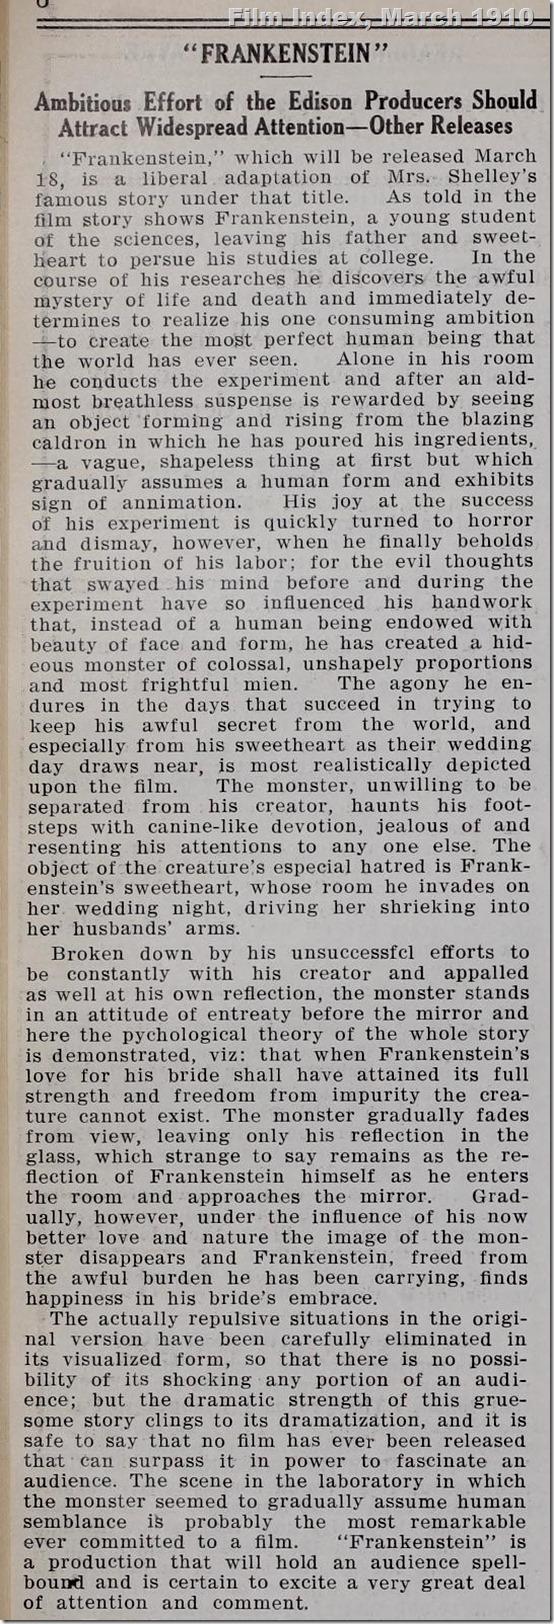 Film Index, March 12, 1910